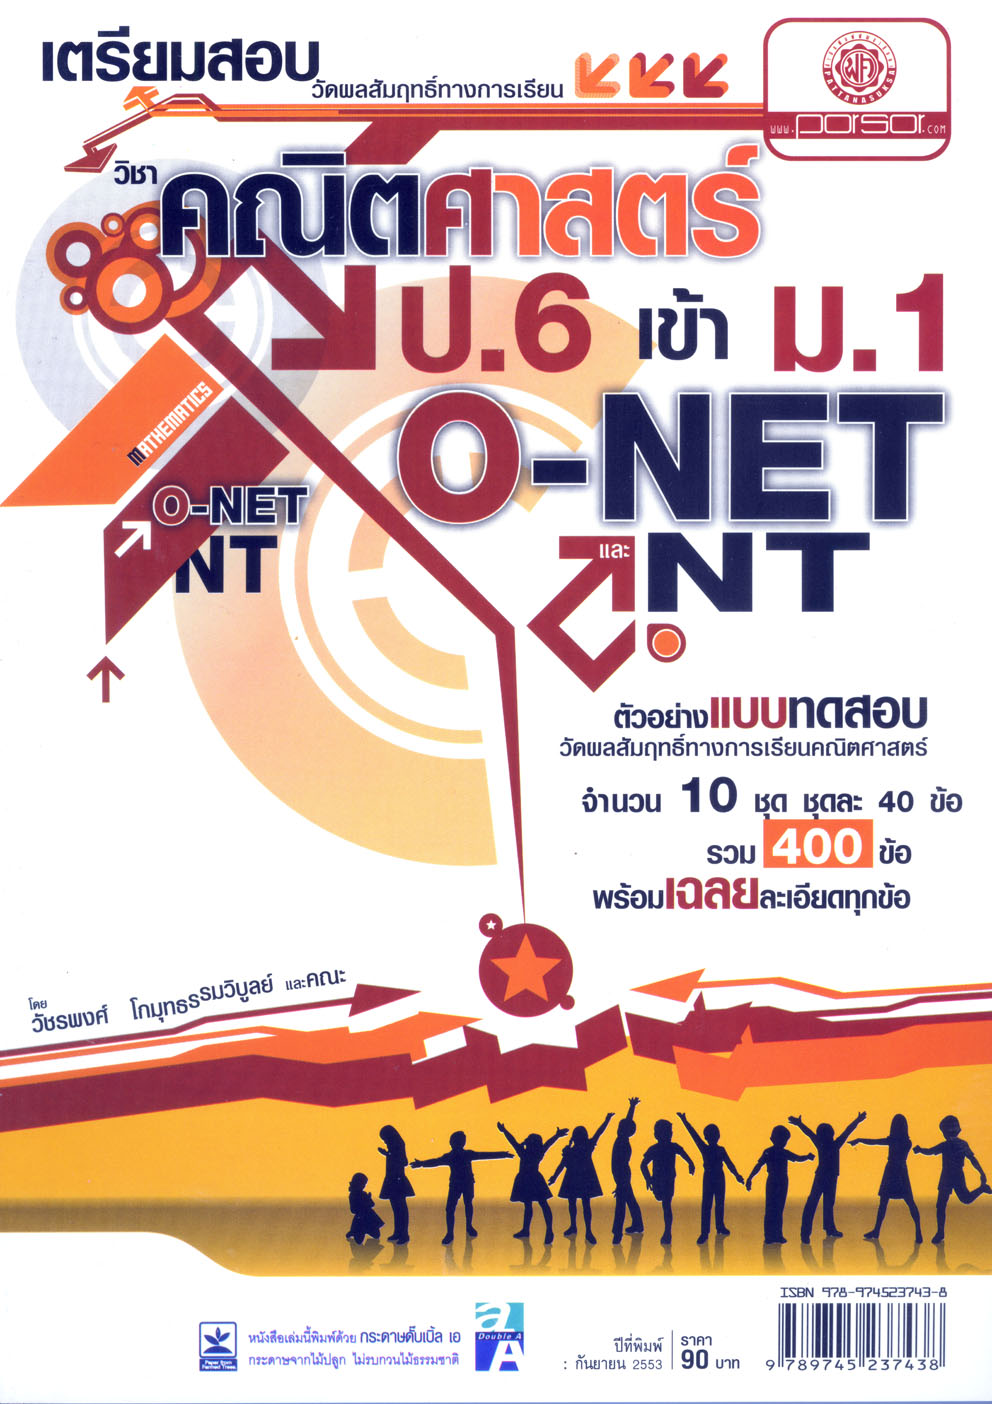 เตรียมสอบ วิชาคณิตศาสตร์ ป.6 เข้า ม.1 o-net และ NT